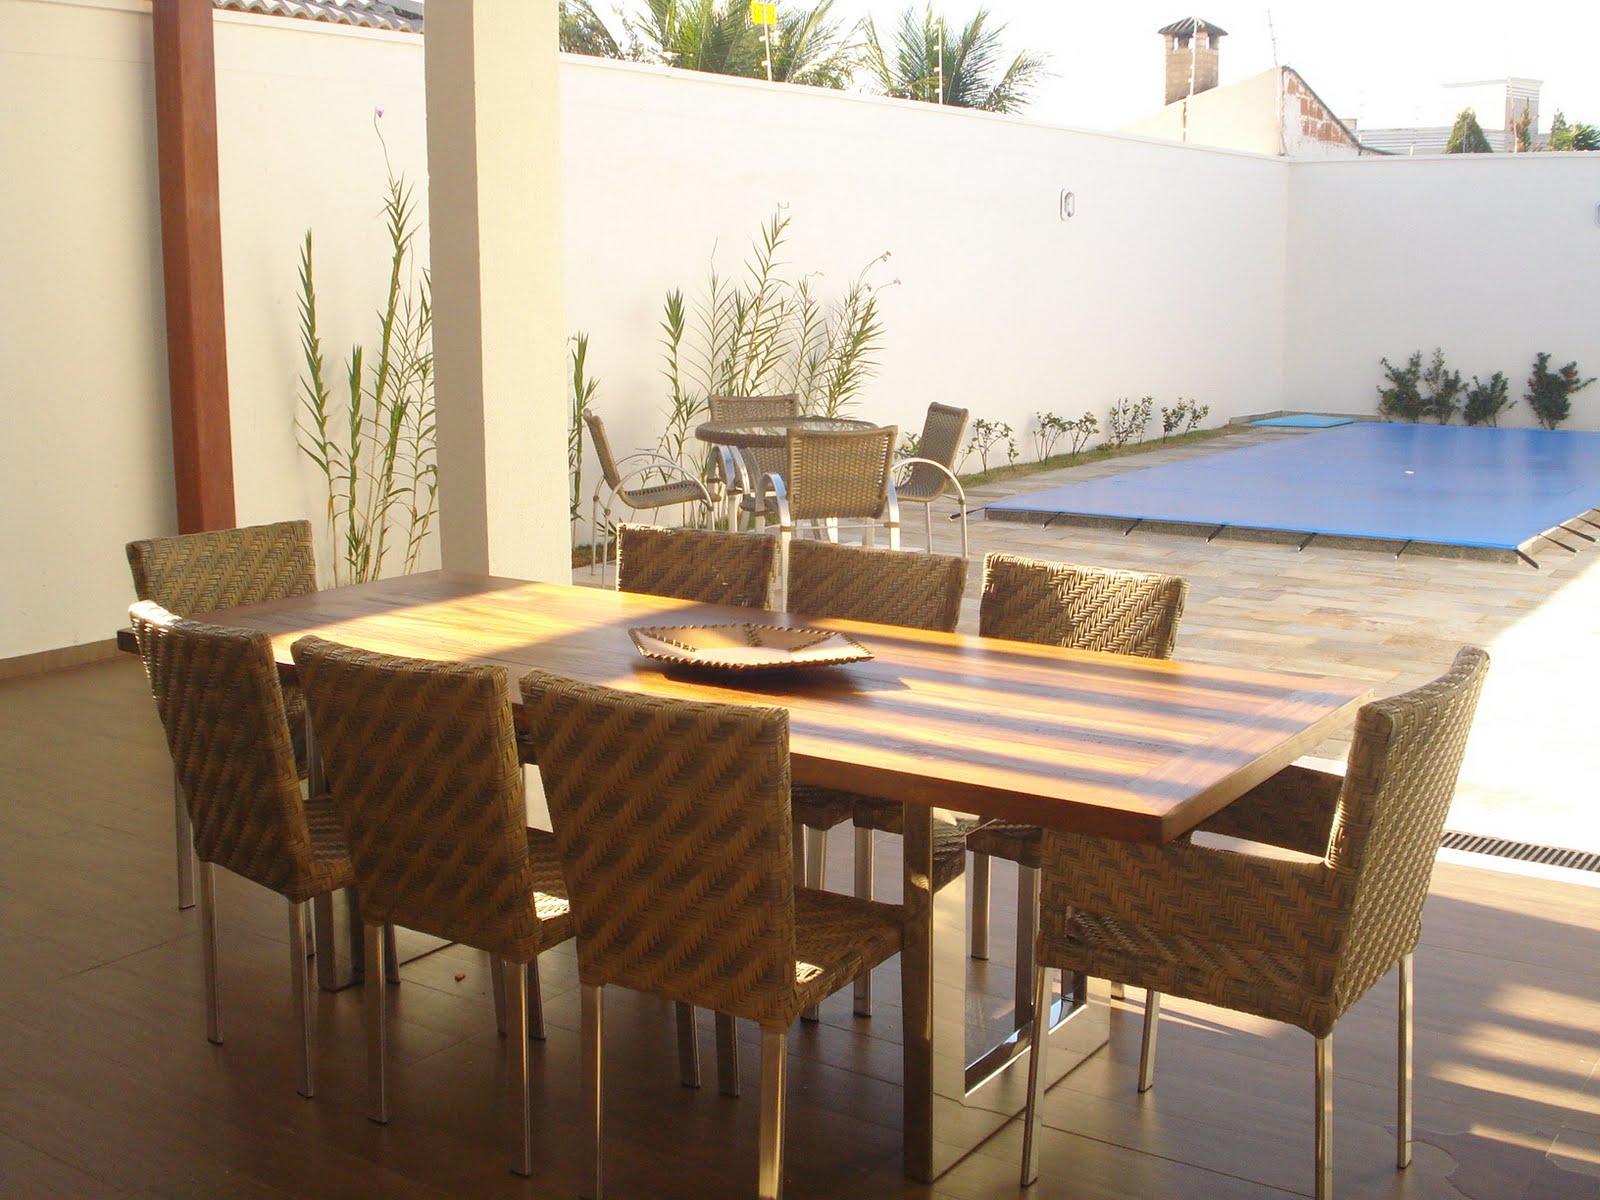 pés em aluminio com tampo de madeira rústica, rodeada de cadeiras em